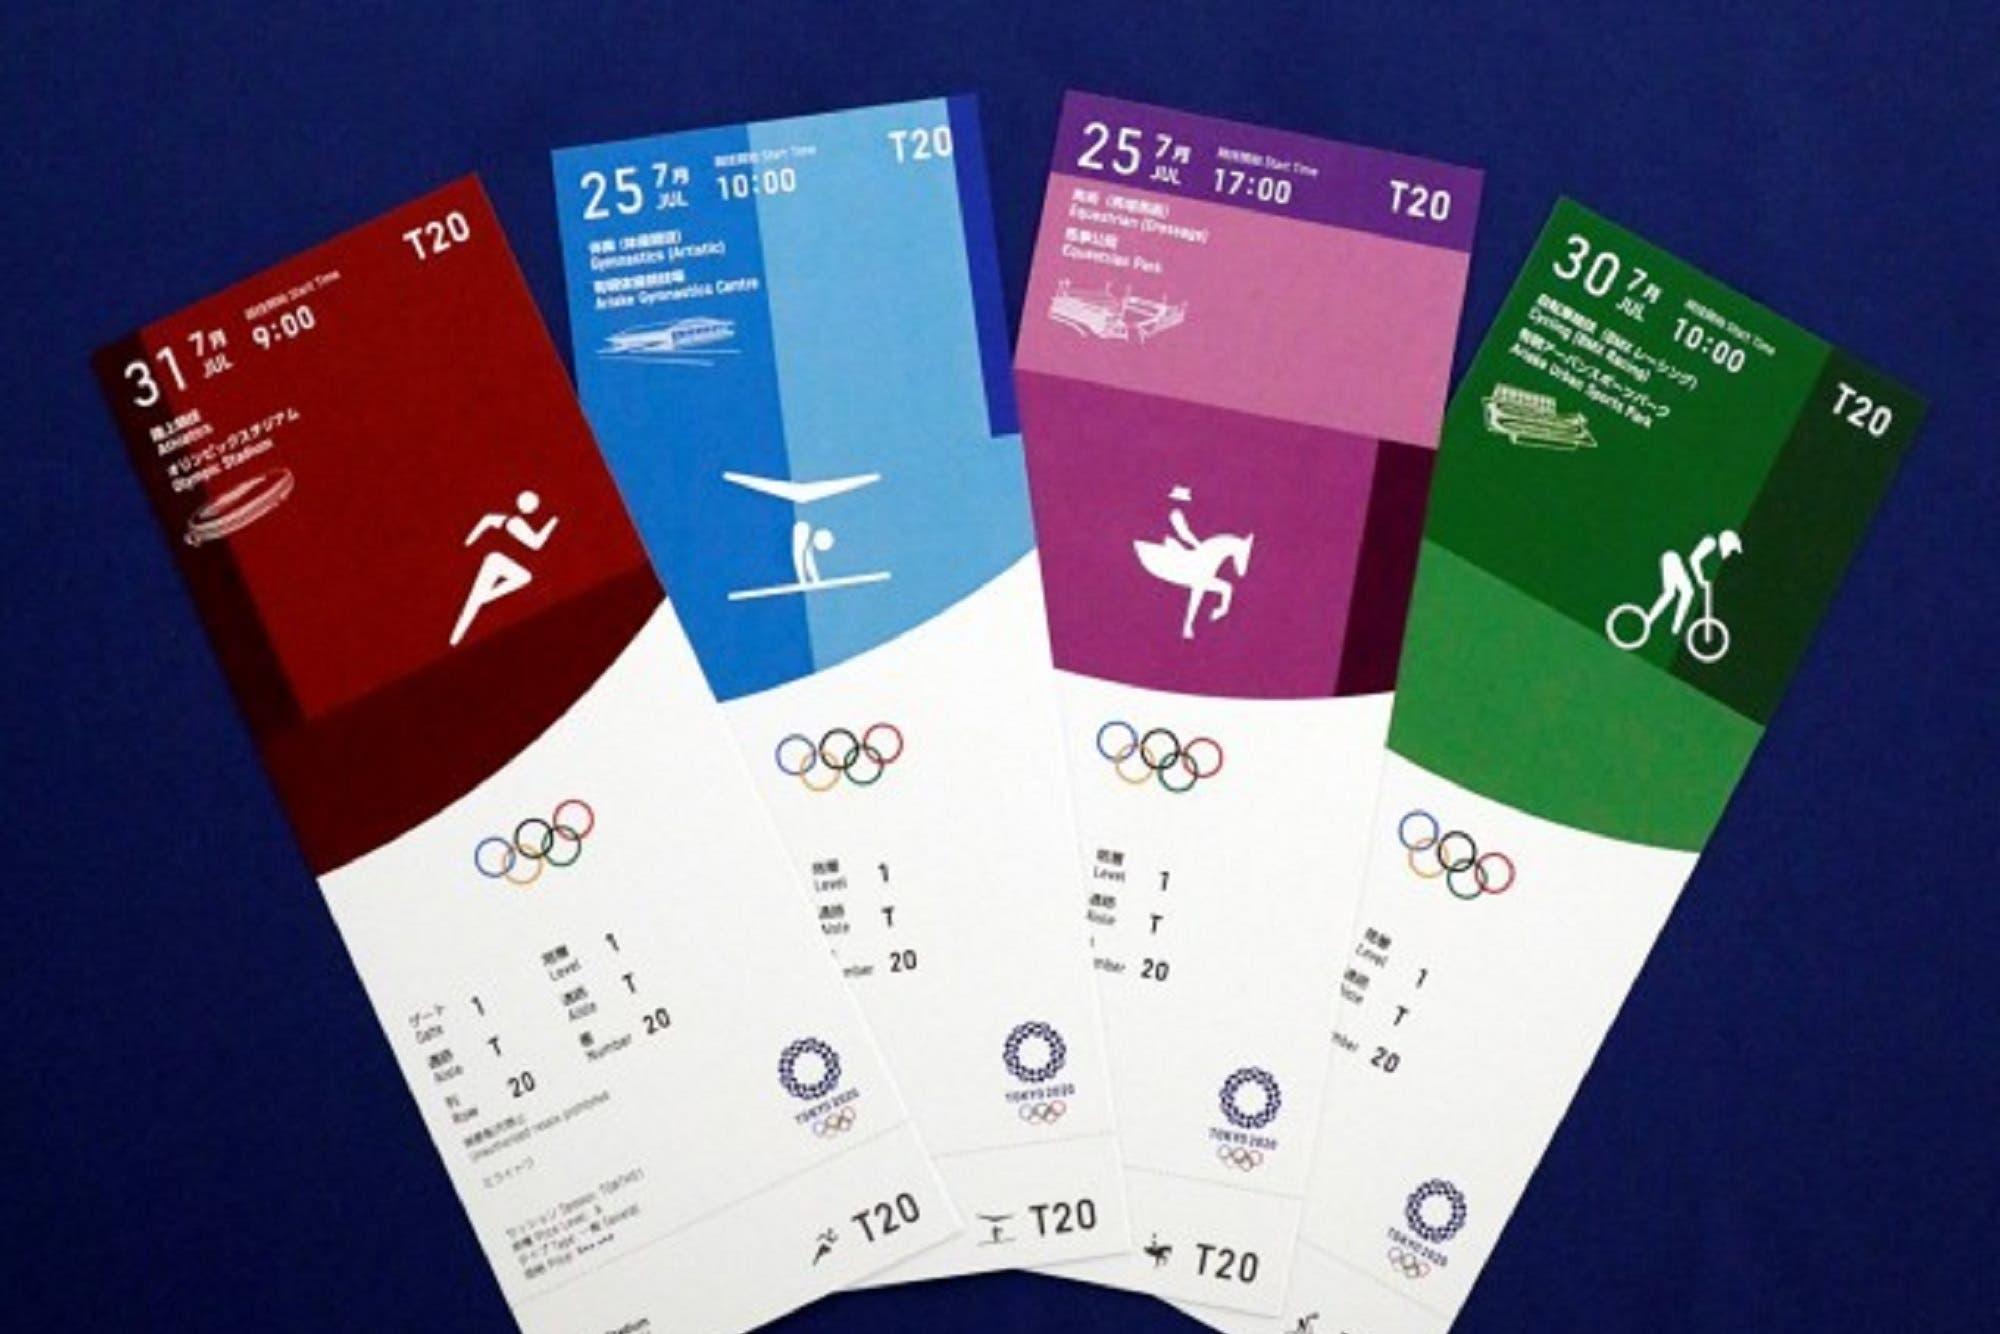 Tokio 2020: las entradas a los Juegos Olímpicos honrarán los colores tradicionales de Japón